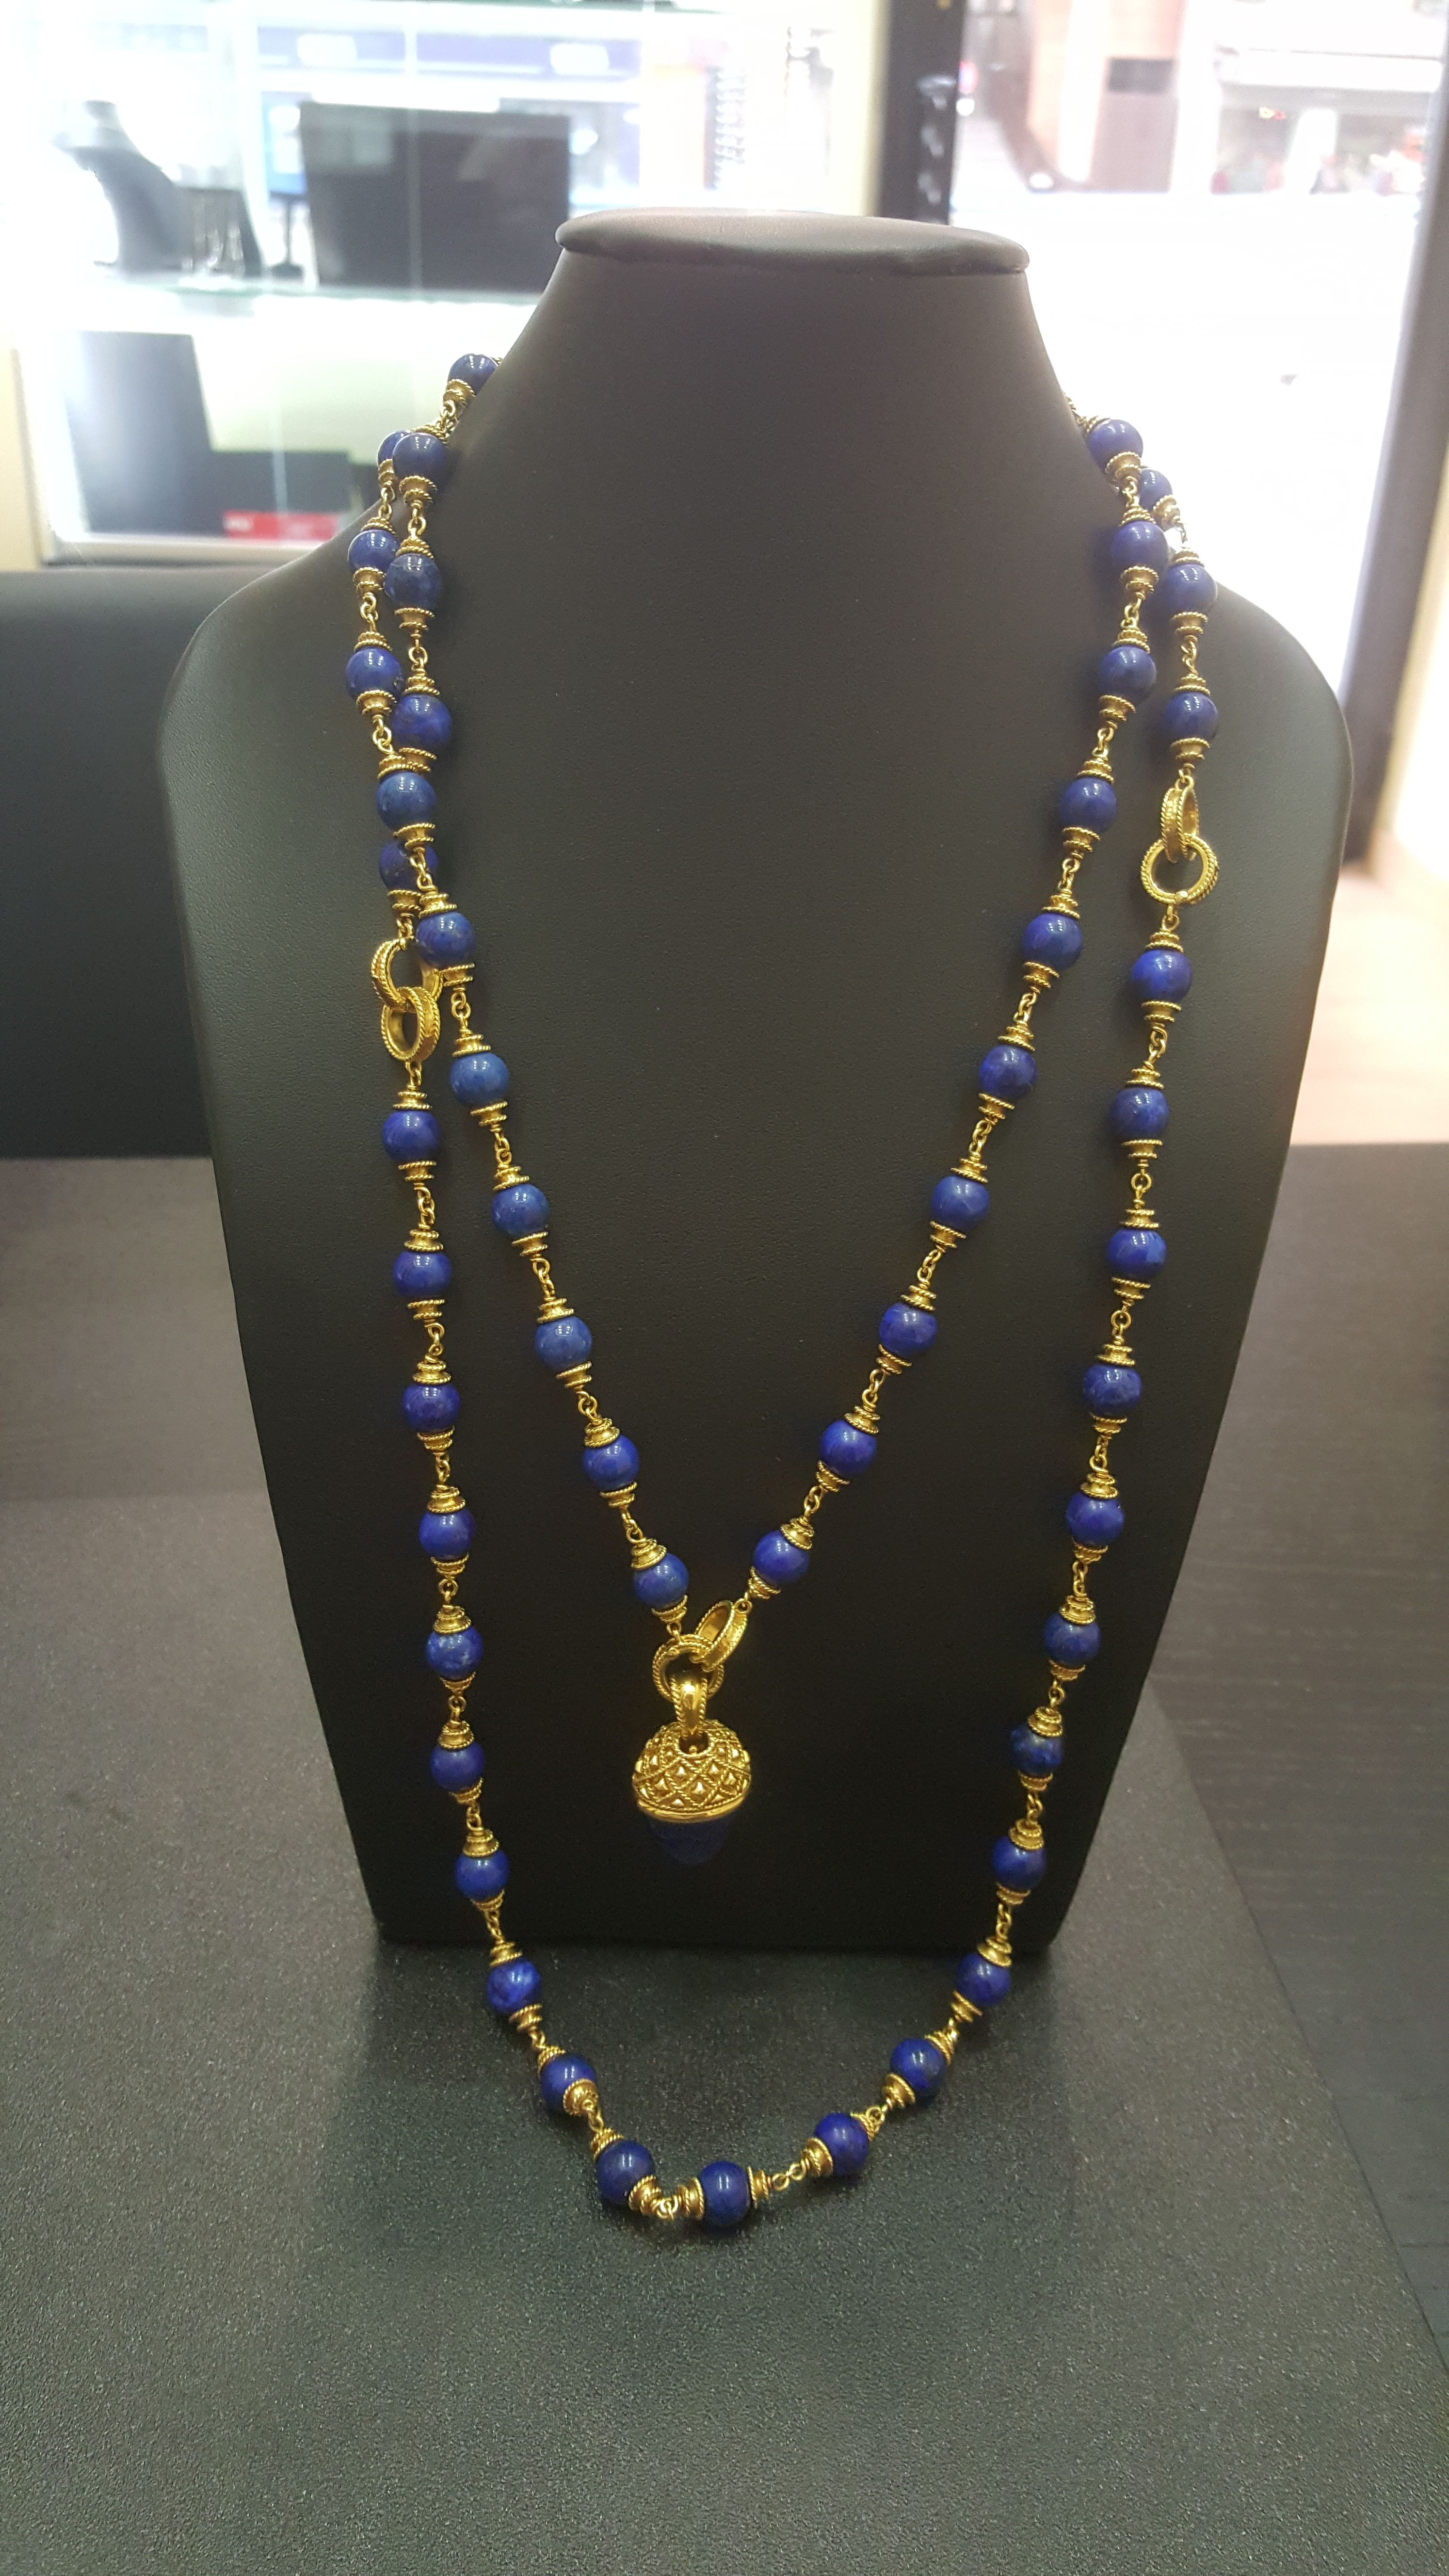 Collar oro y lapislazuli: Compra Venta de Oro y Plata de MR. SILVER & GOLD